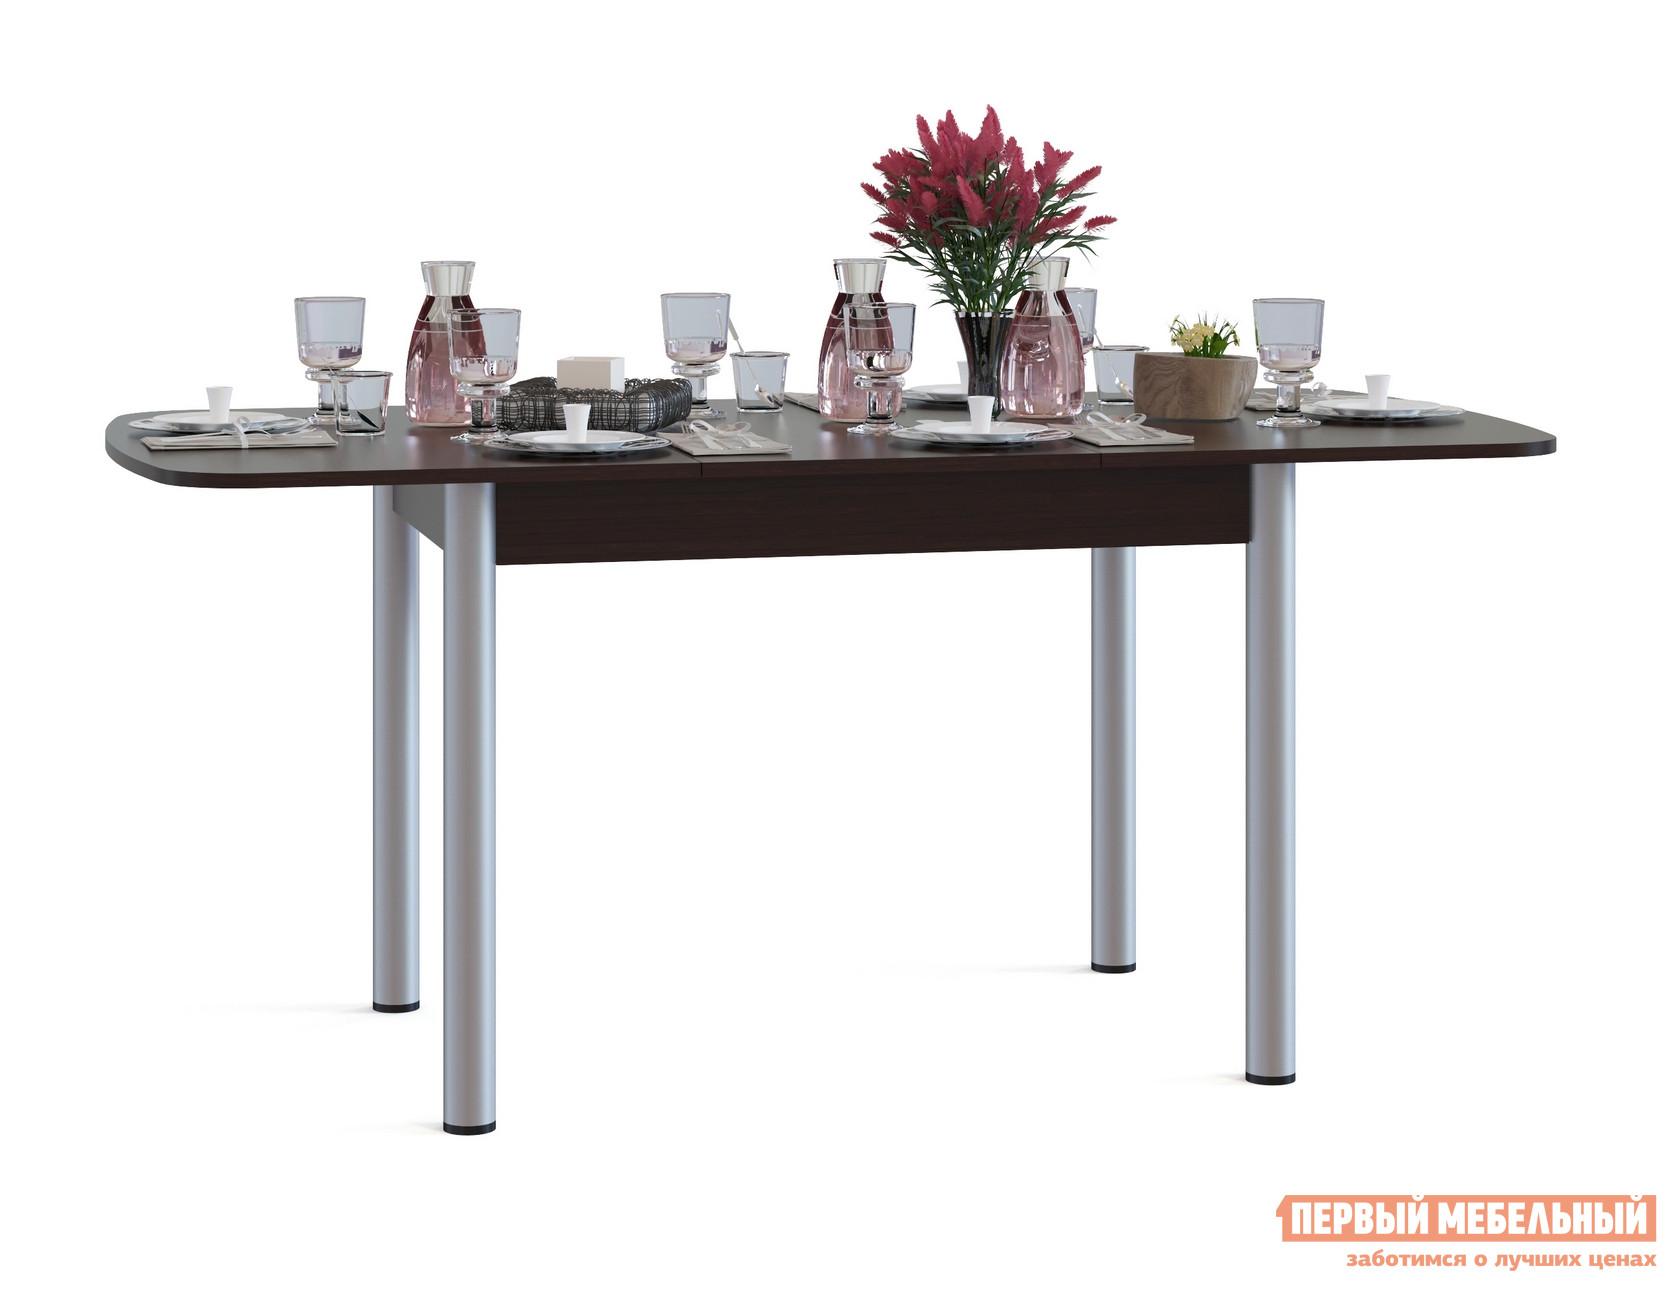 Кухонный стол Сокол СО-3м ВенгеКухонные столы<br>Габаритные размеры ВхШхГ 756x1200 / 1646x800 мм. Овальный раскладной обеденный стол на металлических ножках.  Идеальный вариант для кухни как дома, так и на даче.  Модель оборудована раздвижным механизмом «бабочка», благодаря которому, за счет дополнительной вставки размером 446 мм, ширина столешницы увеличивается до 1646 мм.  В сложенном состоянии вставка хранится в столе.  Чтобы разложить стол, нужно раздвинуть столешницу в стороны, достать вставку и раскрыть ее между частями столешницами. Изделие изготавливается из ЛДСП толщиной 16 мм. Столешница обработана кромкой ПВХ толщиной 2 мм, остальные детали в кромке ПВХ 0,4 мм. Рекомендуем сохранить инструкцию по сборке (паспорт изделия) до истечения гарантийного срока.<br><br>Цвет: Венге<br>Цвет: Венге<br>Высота мм: 756<br>Ширина мм: 1200 / 1646<br>Глубина мм: 800<br>Кол-во упаковок: 1<br>Форма поставки: В разобранном виде<br>Срок гарантии: 2 года<br>Тип: Раздвижные, Трансформер<br>Материал: Деревянные, из ЛДСП<br>Форма: Овальные<br>Размер: Большие<br>Особенности: С металлическими ножками